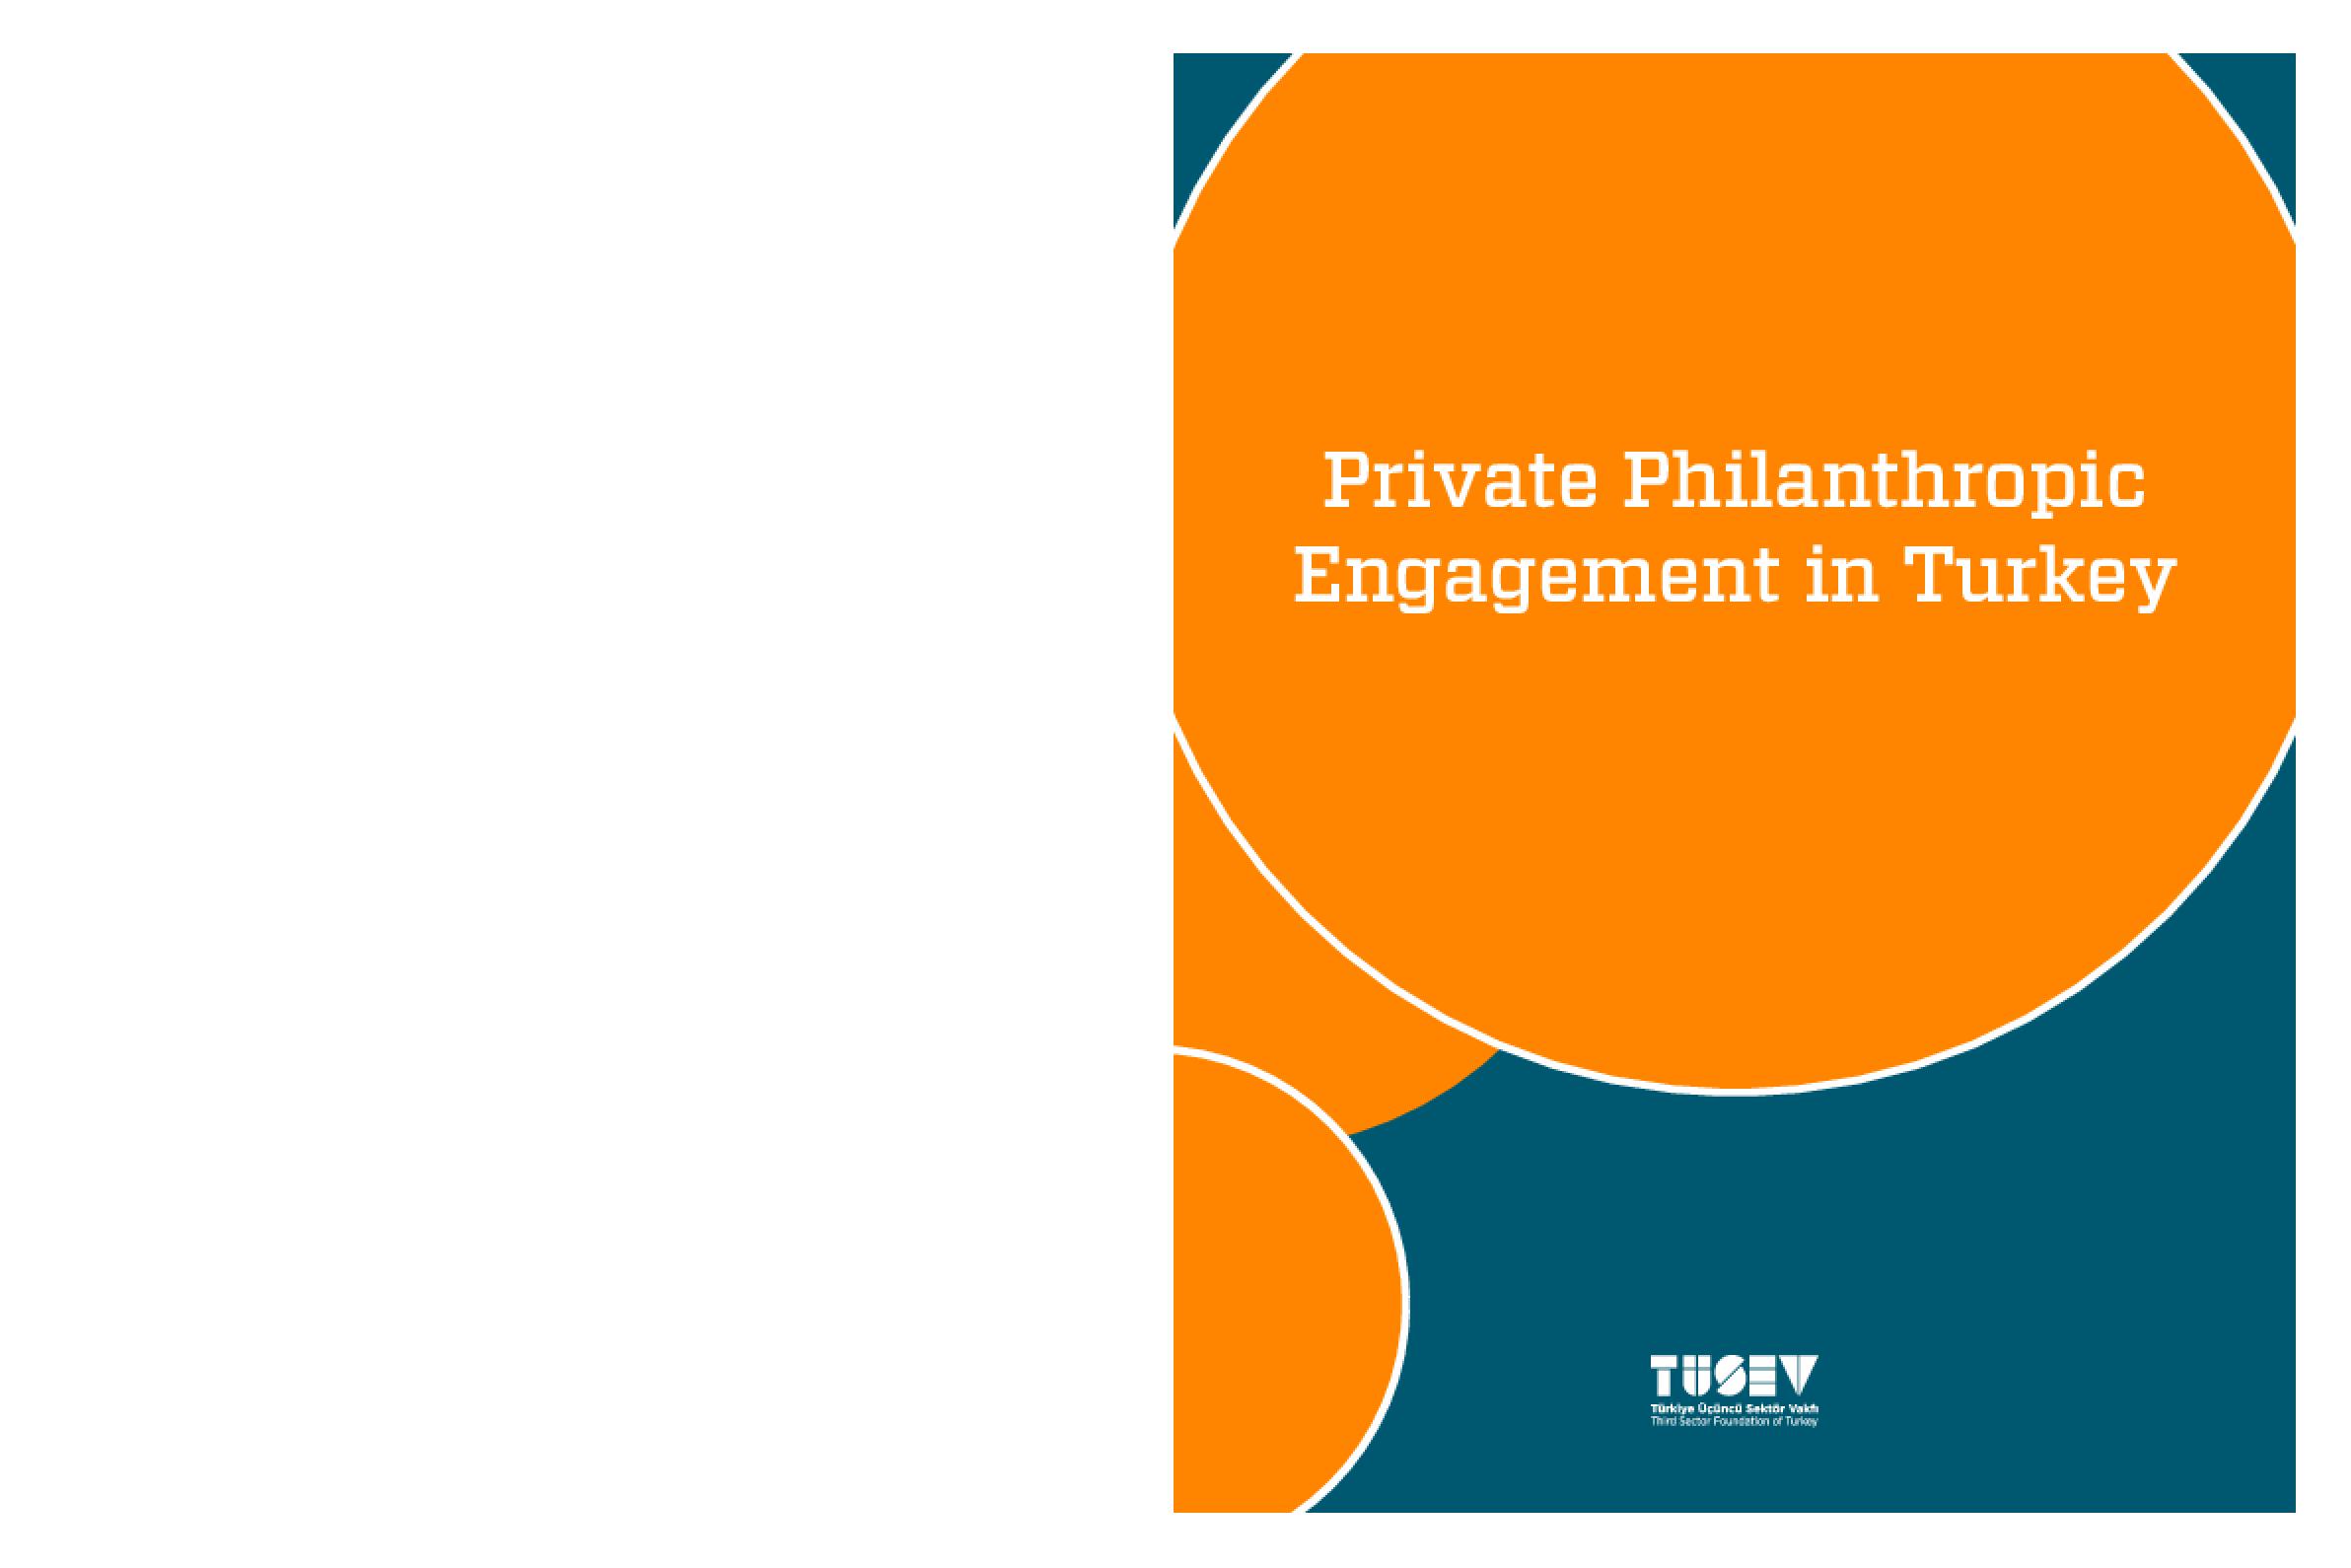 Private Philanthropic Engagement in Turkey